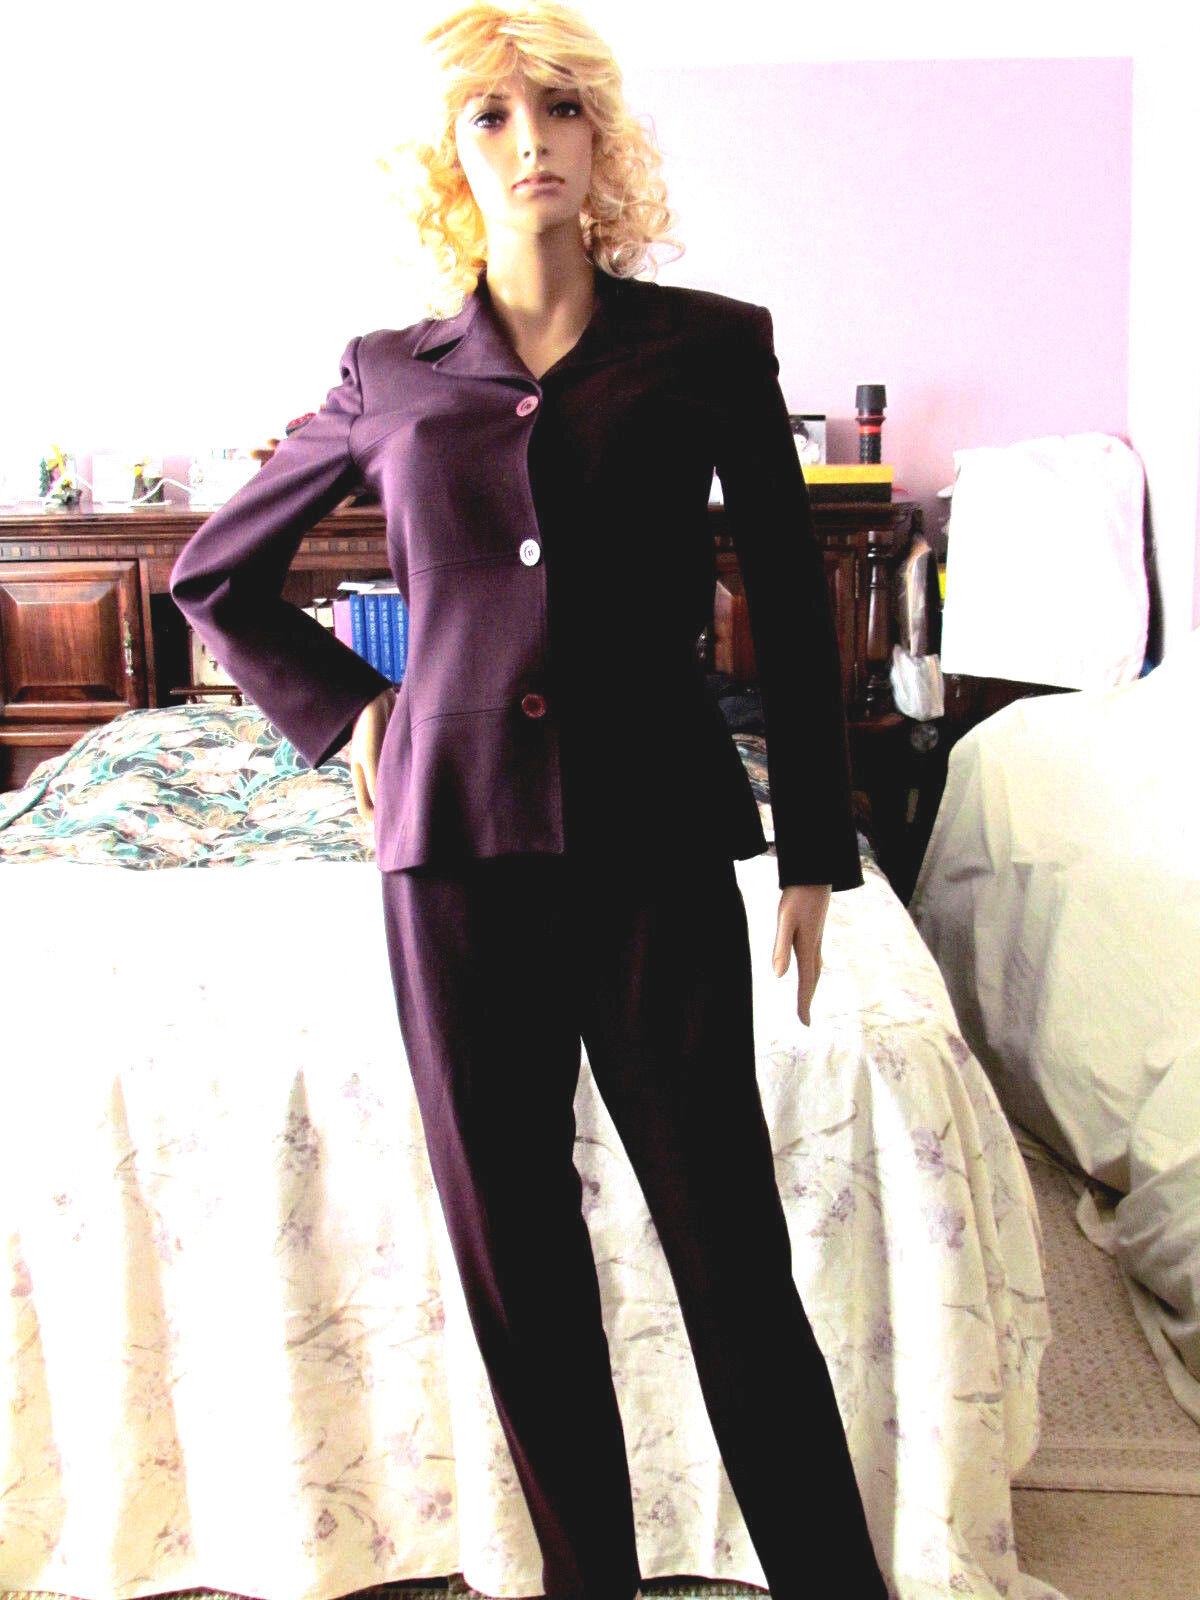 greenigo Paris Women's 2 Pcs.Pant Suit BurgundyFront ButtonsSize M Made in France